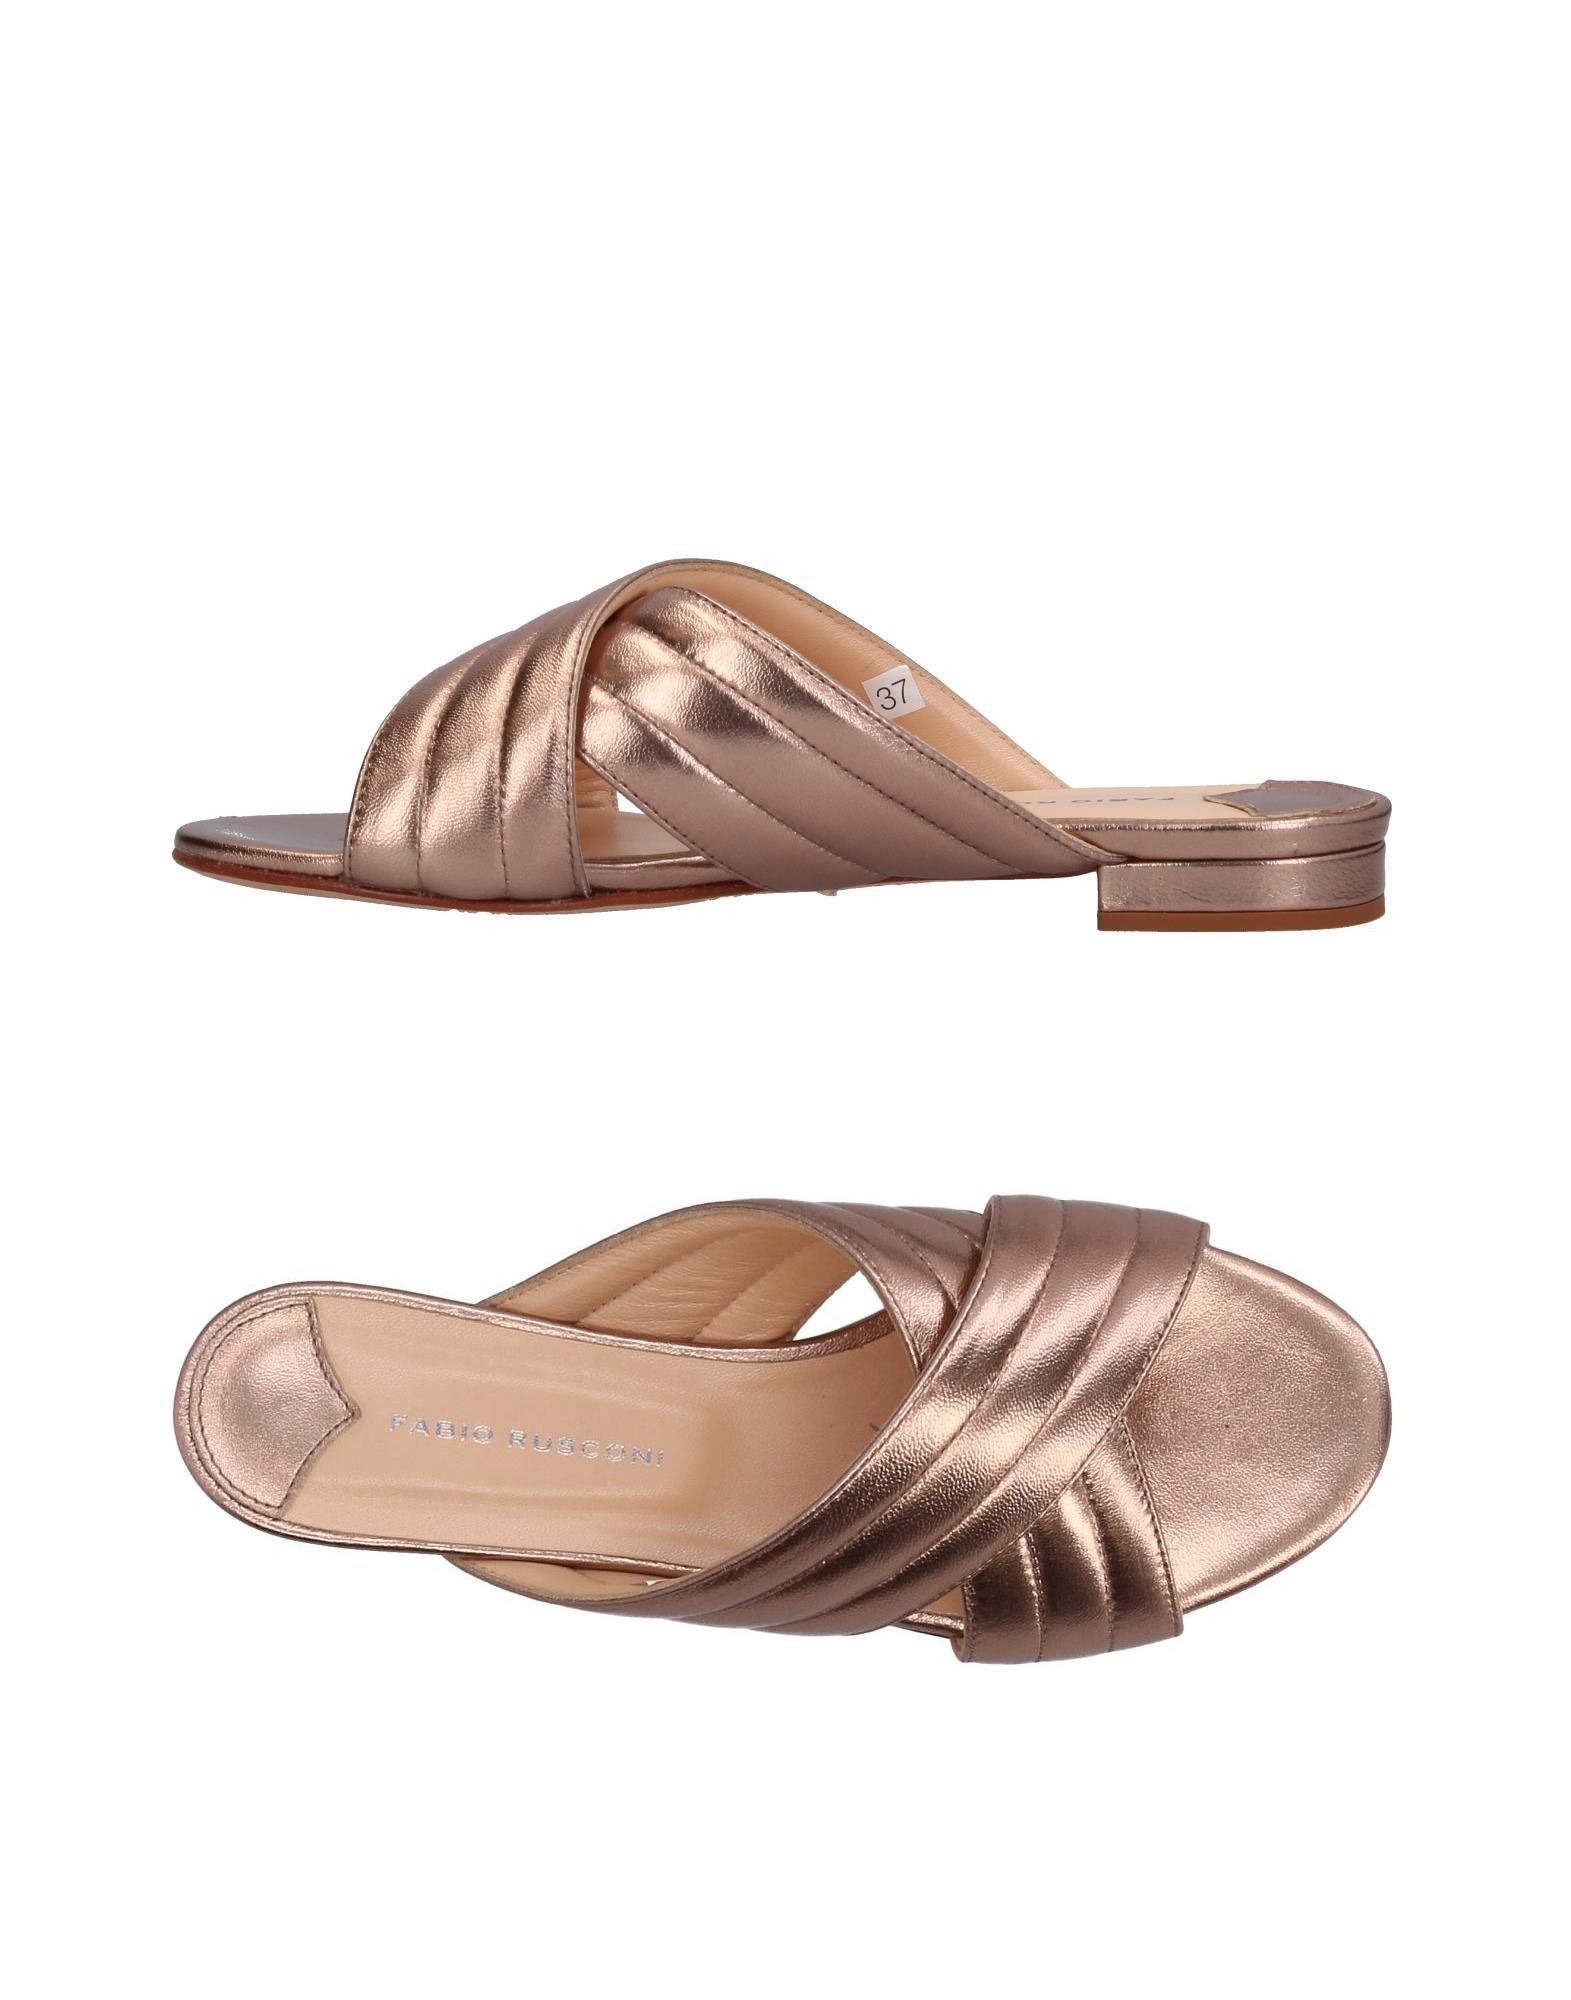 FABIO RUSCONI Damen Sandale Farbe Kupfer Größe 7 jetztbilligerkaufen